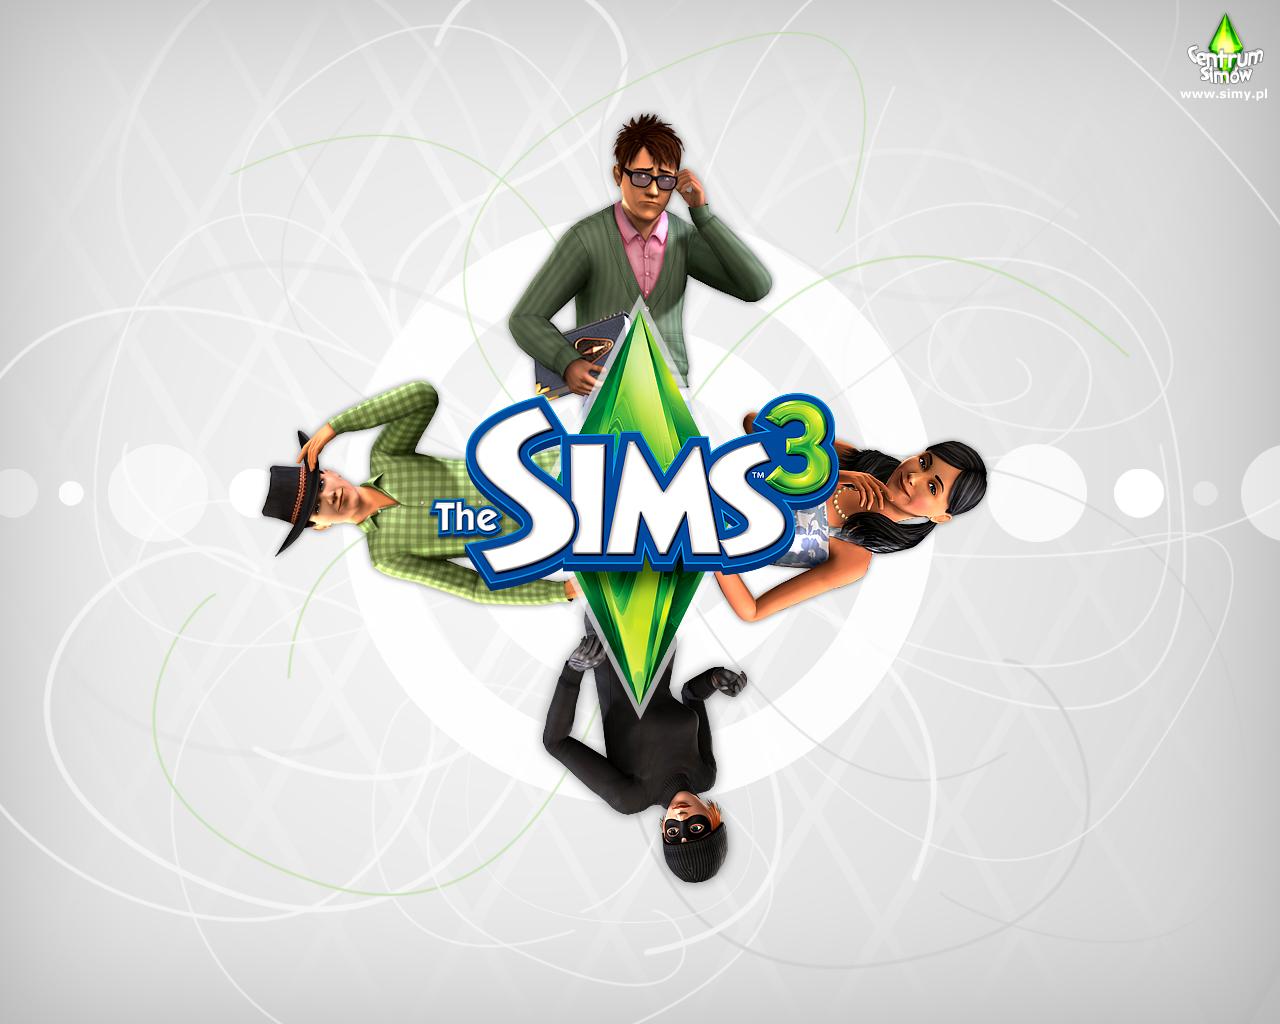 http://1.bp.blogspot.com/_U7zxwKR4W-E/TKaJIj36Z6I/AAAAAAAAAjk/PqS9YISja9I/s1600/The_Sims_3_Wallpaper___2_by_twee7.jpg